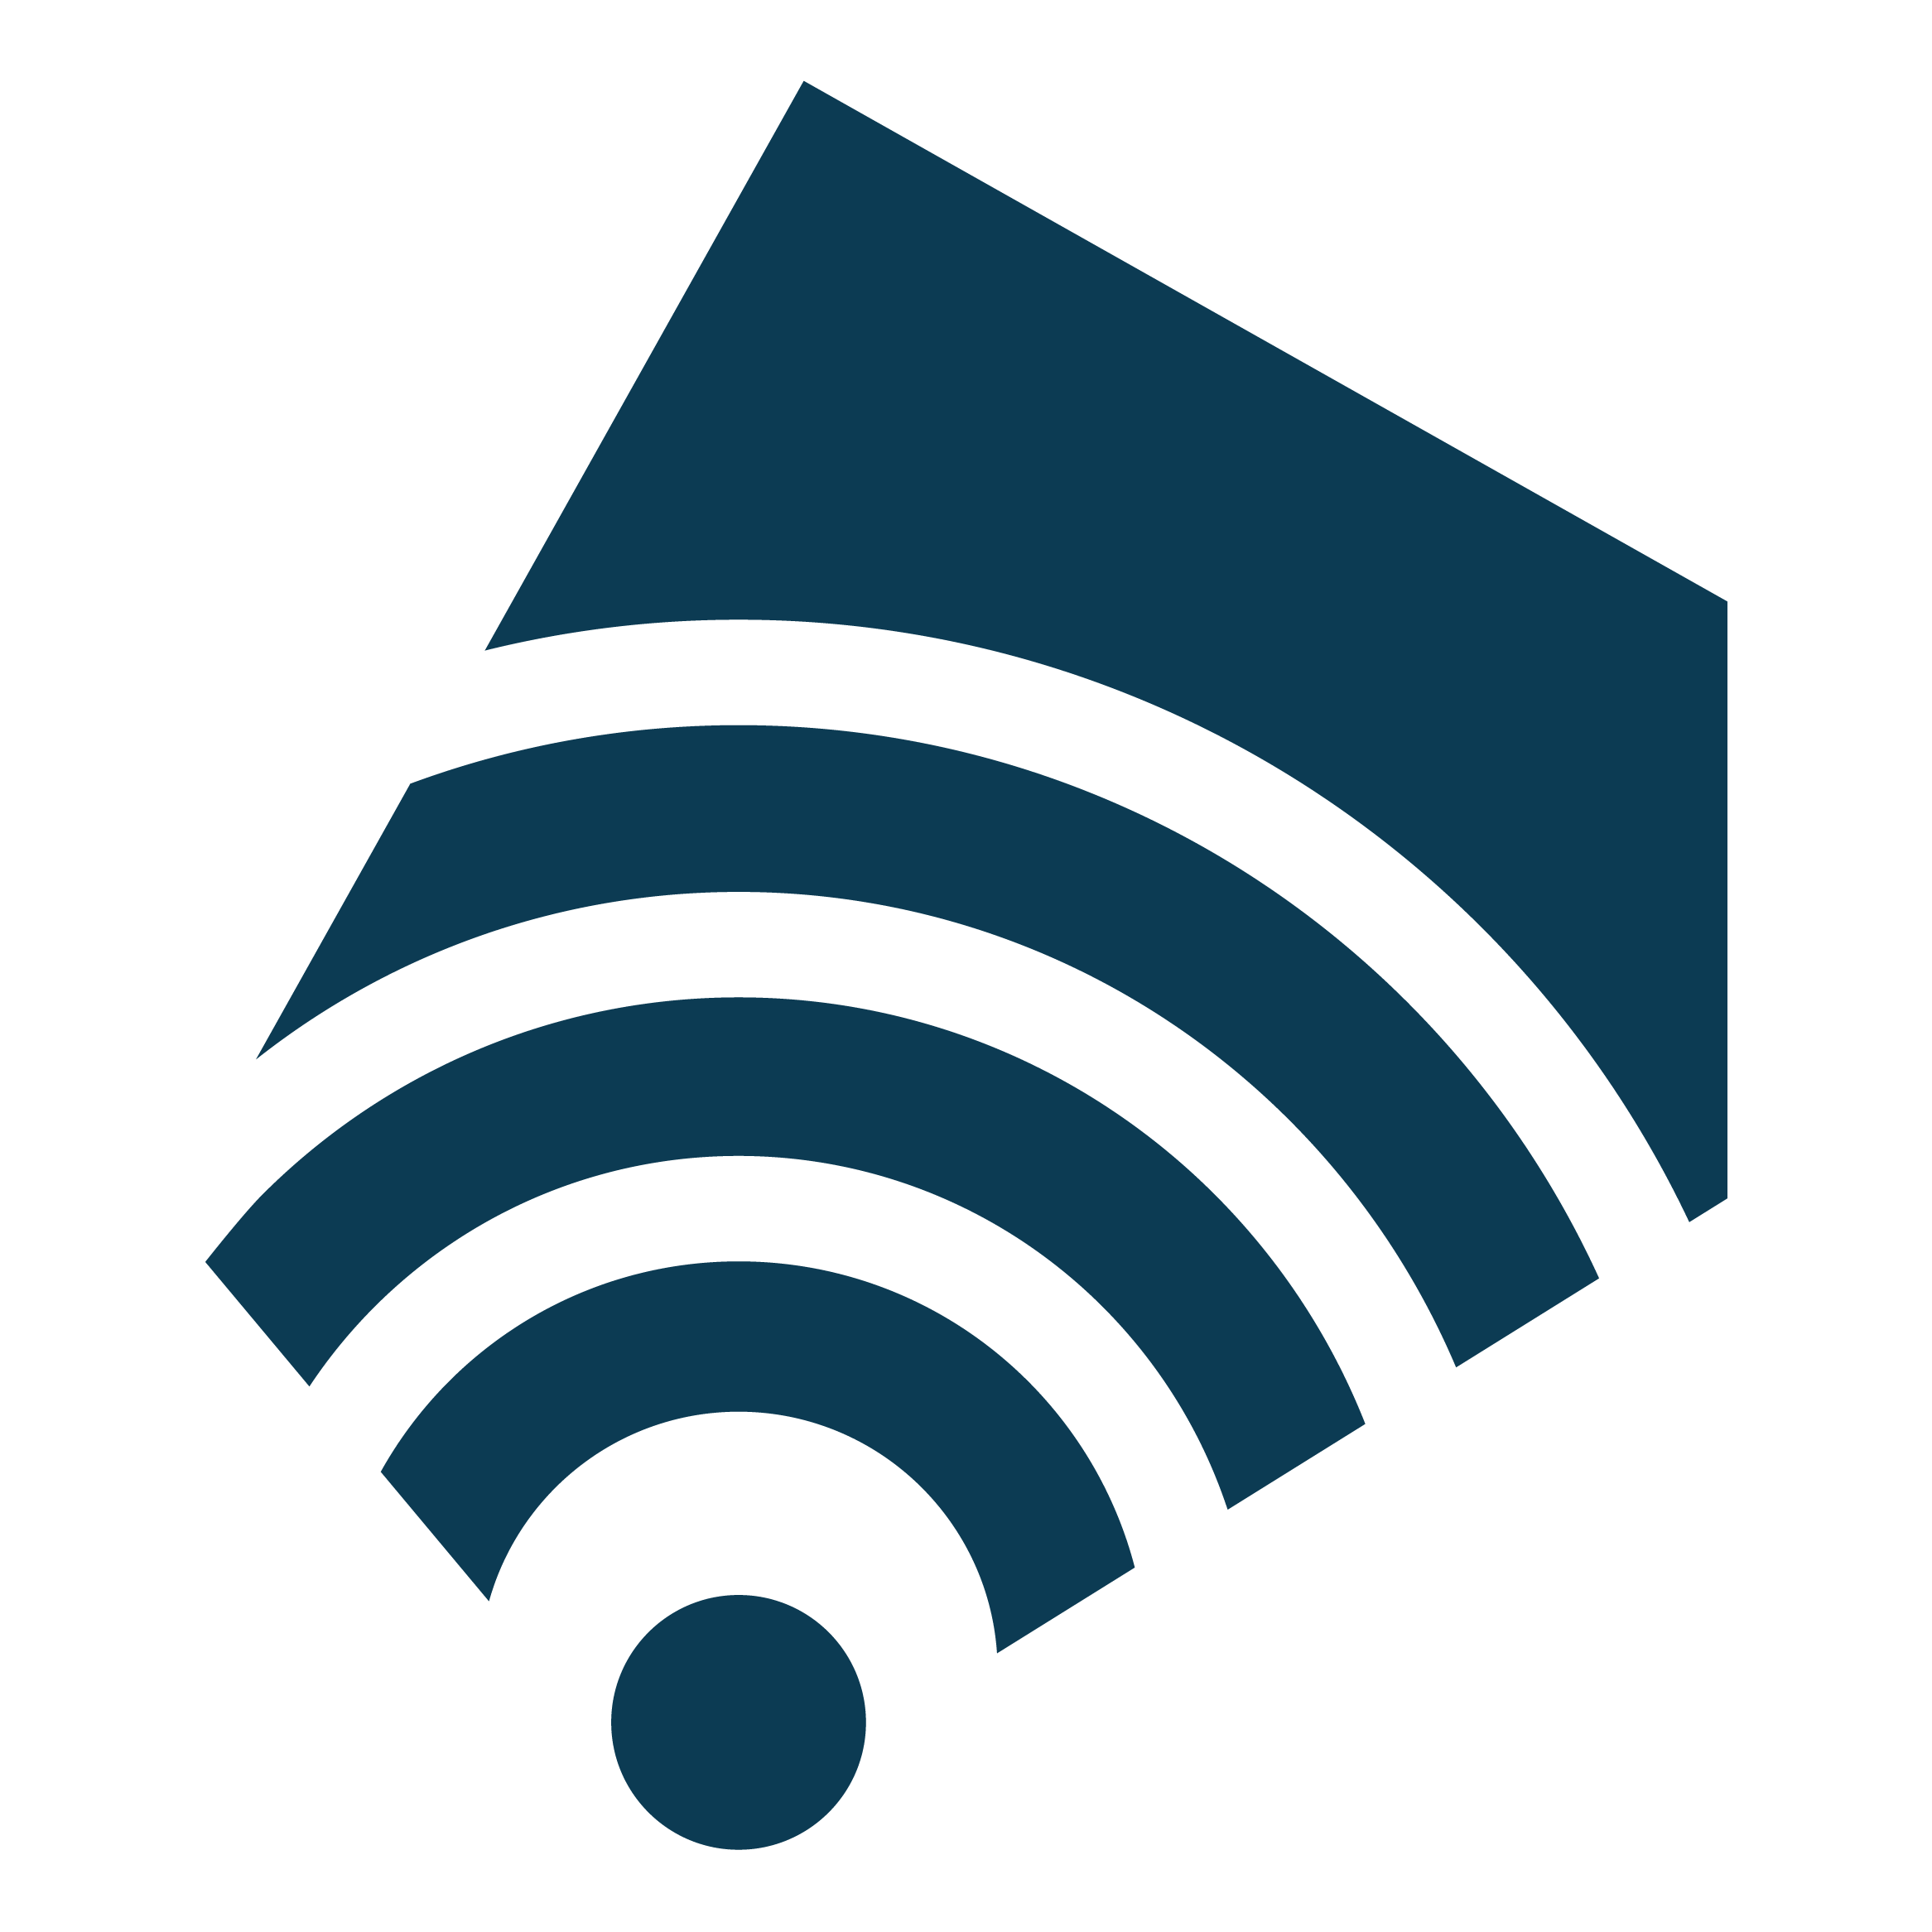 Logotyp projektu Więcej niż Filharmonia. Granatowy wielokąt oparty o logotyp Filharmonii Śląskiej połączony z piktogramem symbolizującym połączenie wi-fi